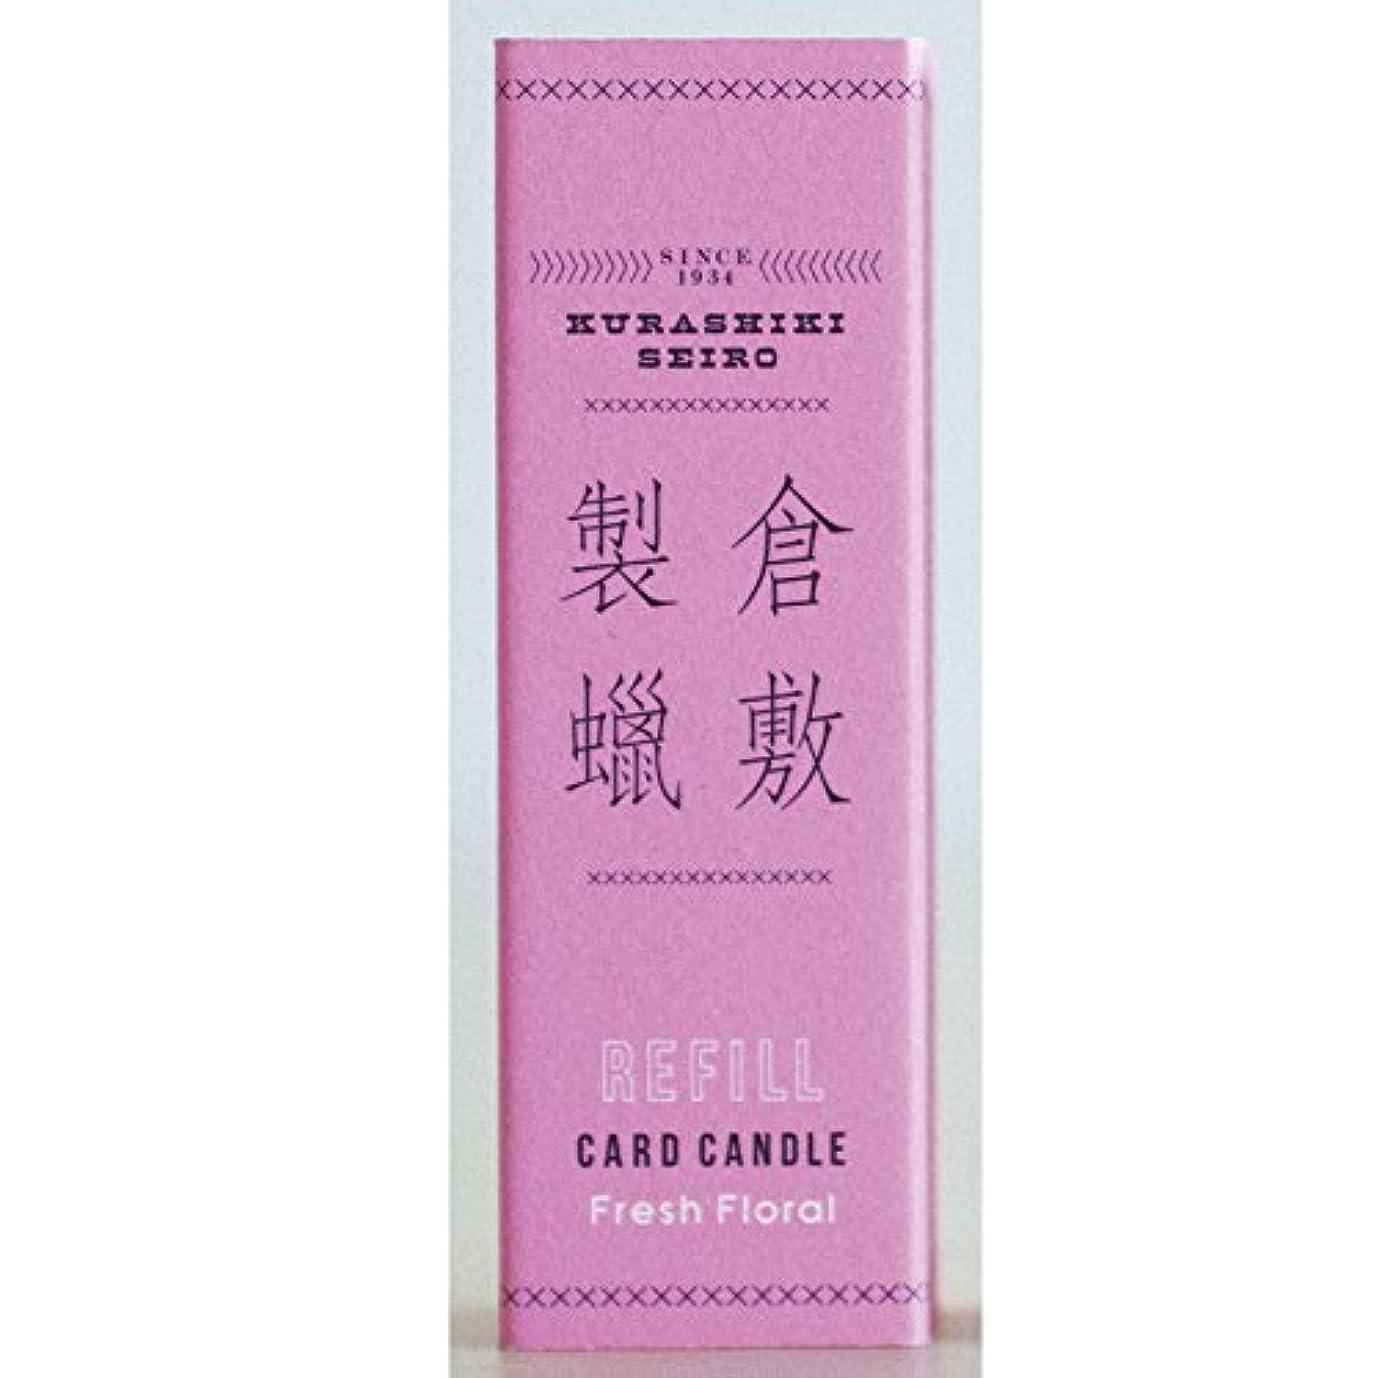 ジャンプ借りている外科医倉敷製蝋 CARD CANDLE REFILL (Fresh Floral)